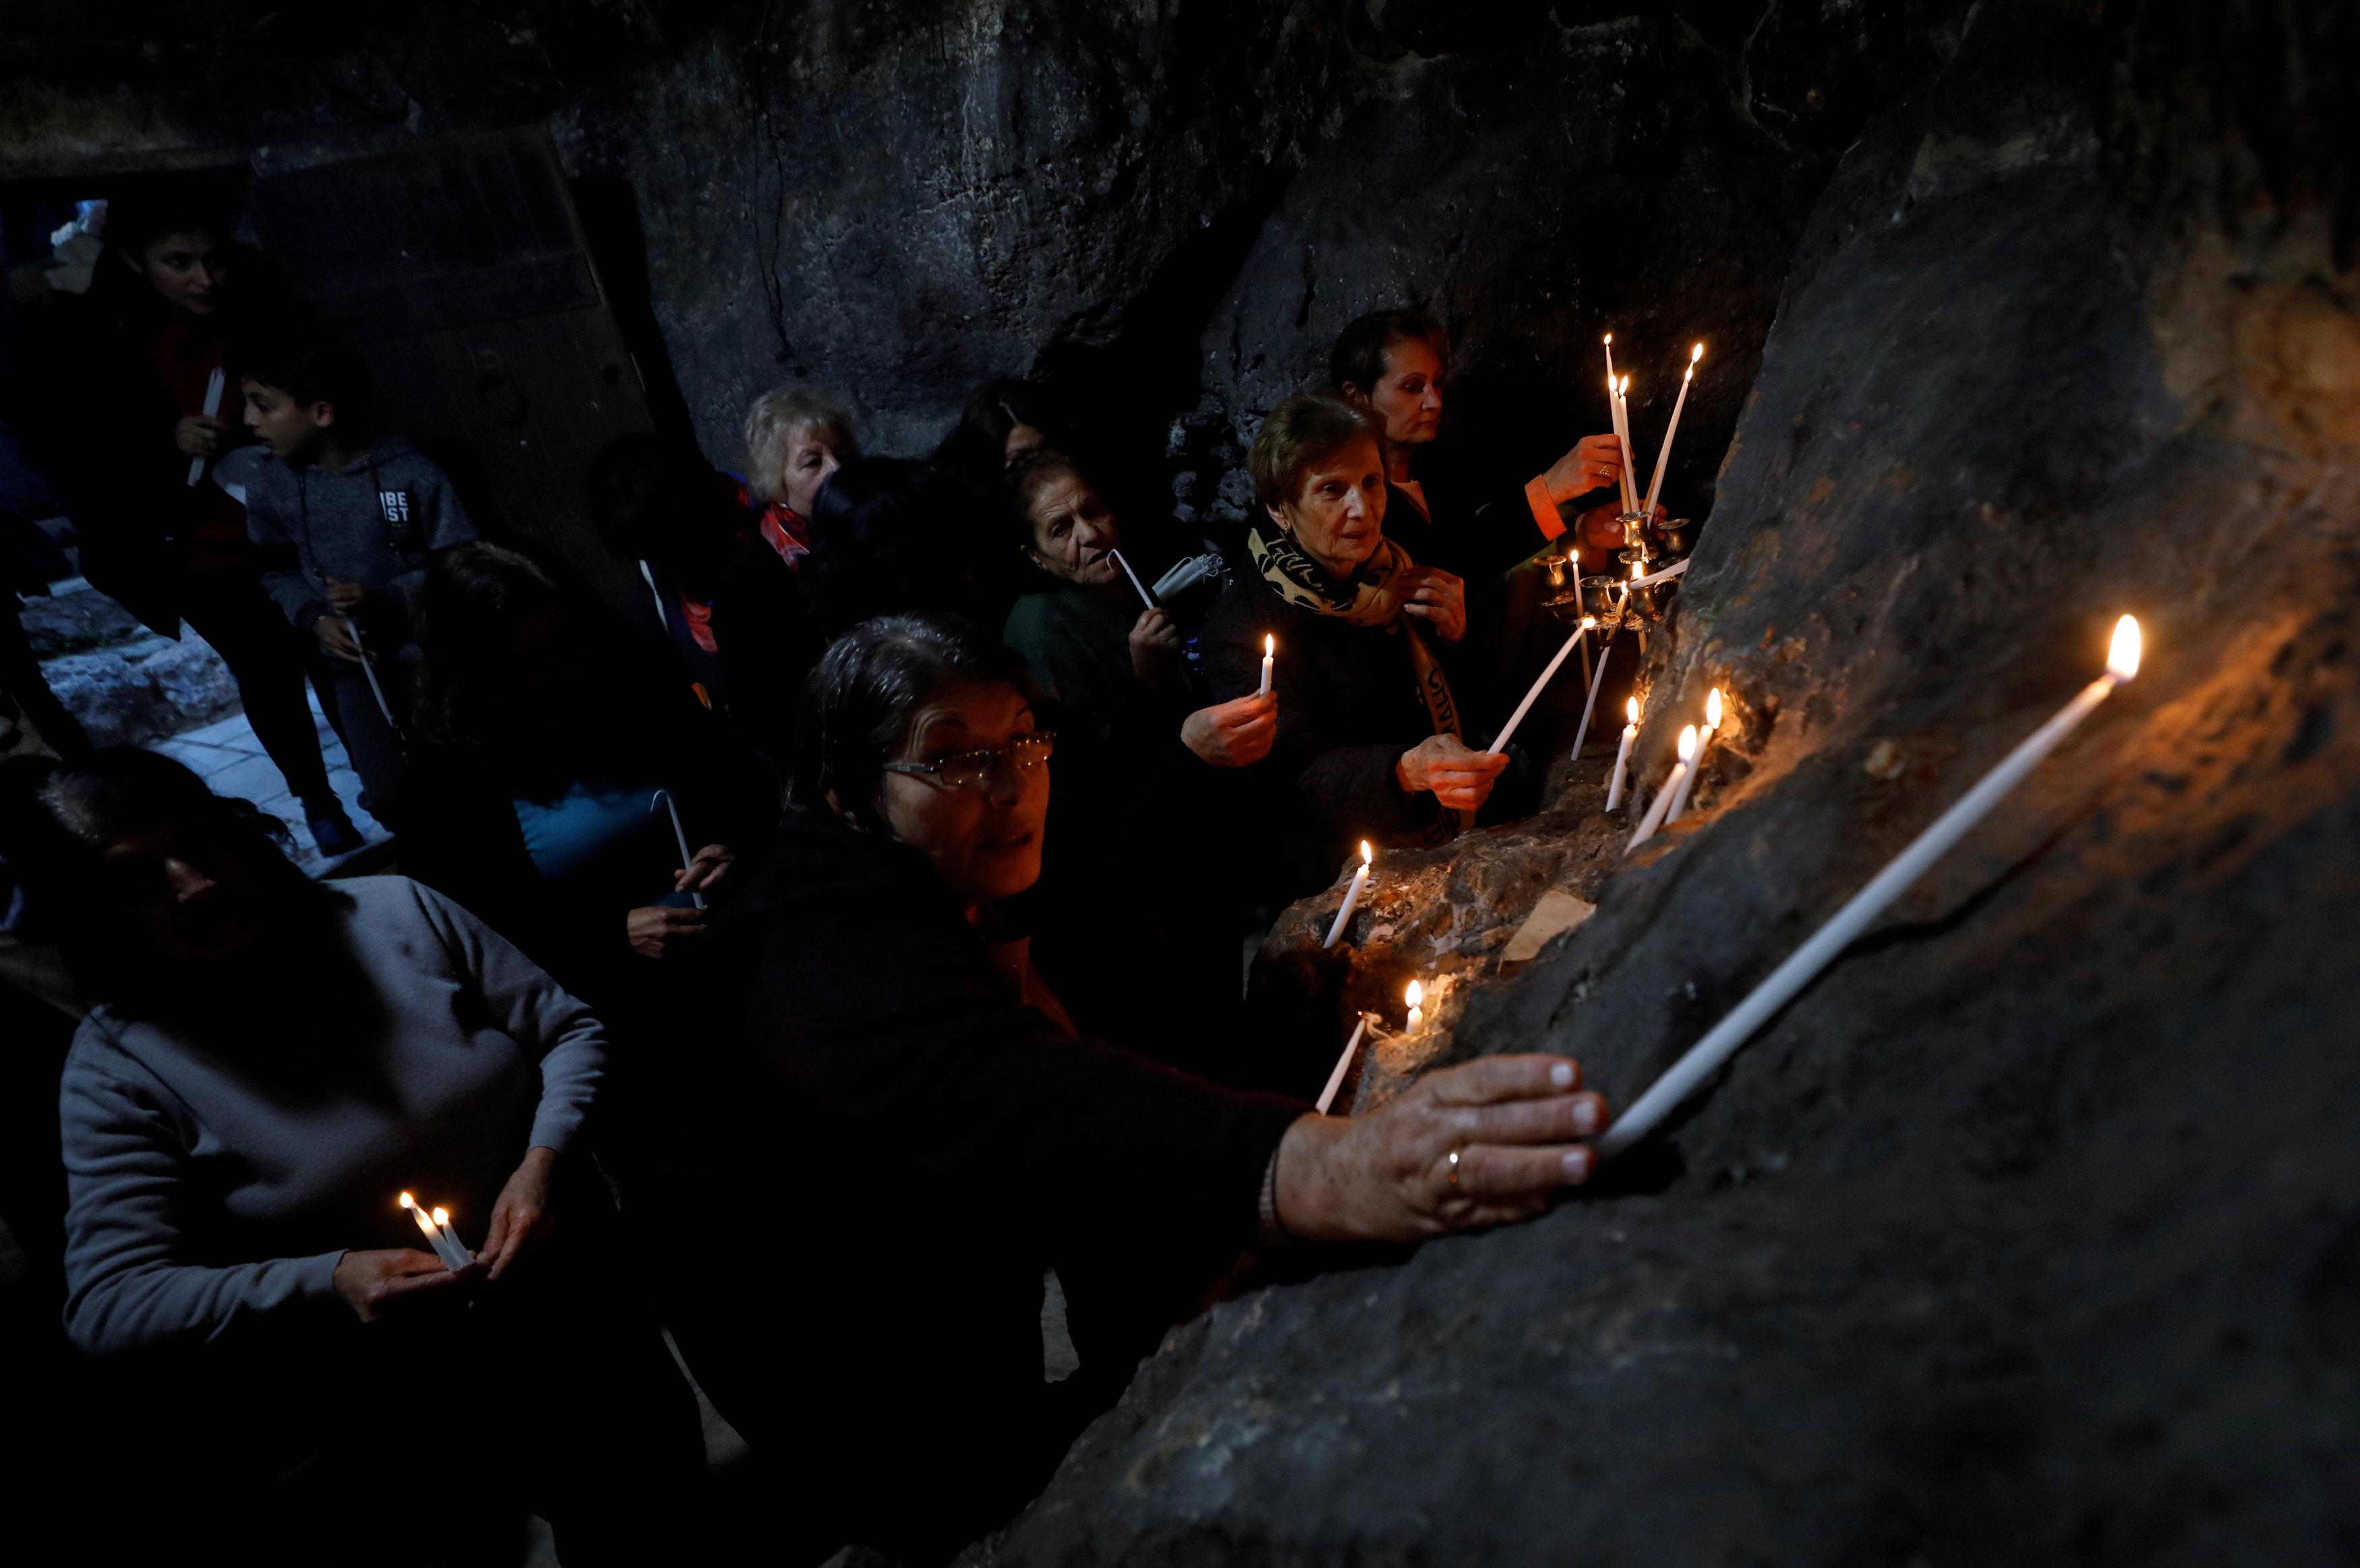 فلسطينيون يحتفلون بقرية عبود